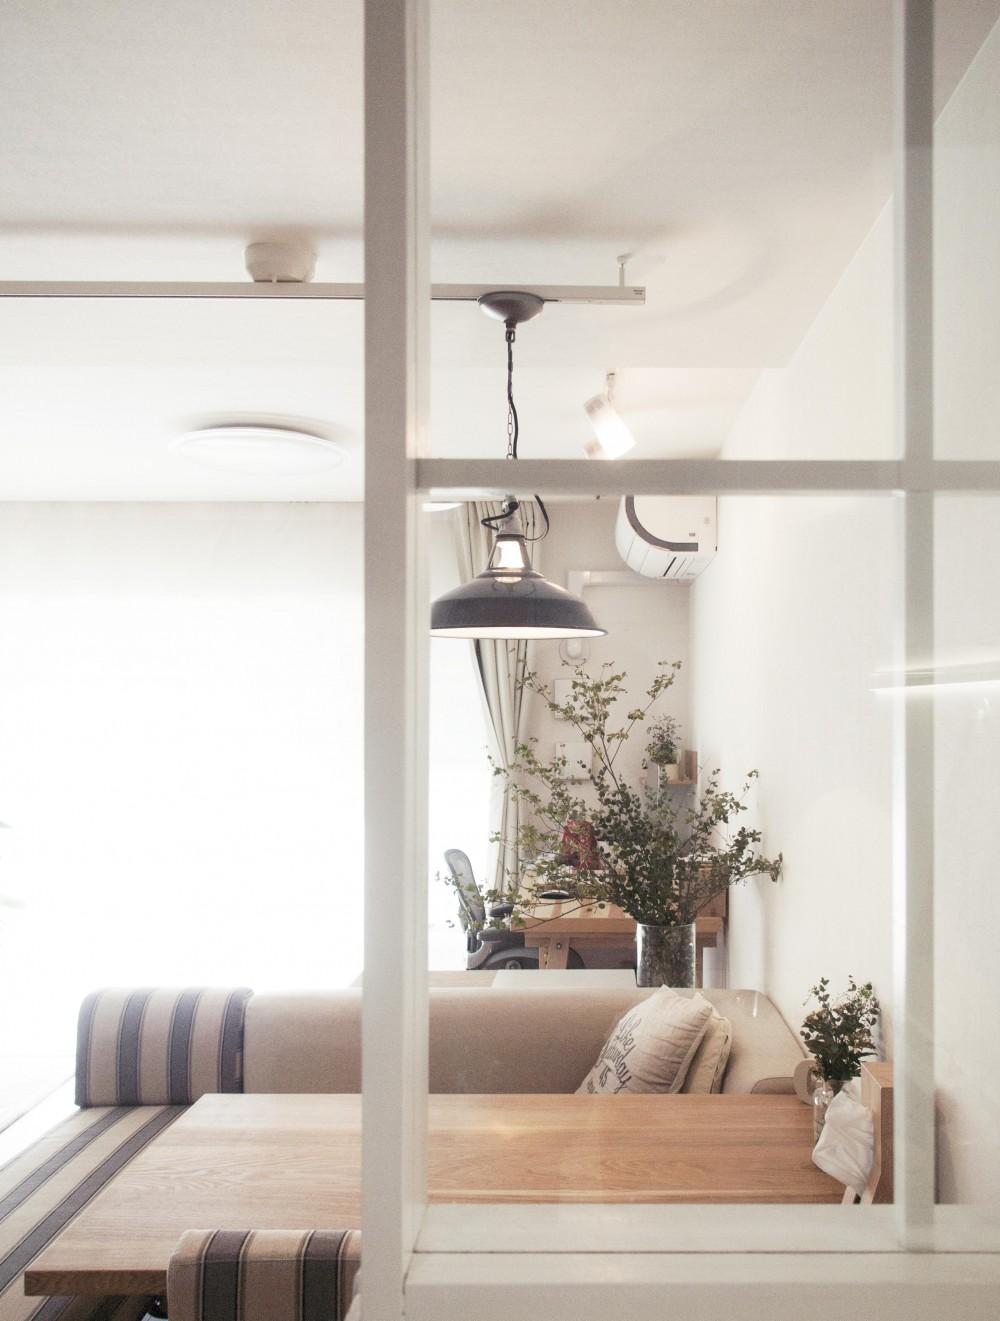 建築家とつくりあげた理想のリノベーション空間 (光が差し込むキッチン横のガラス窓)